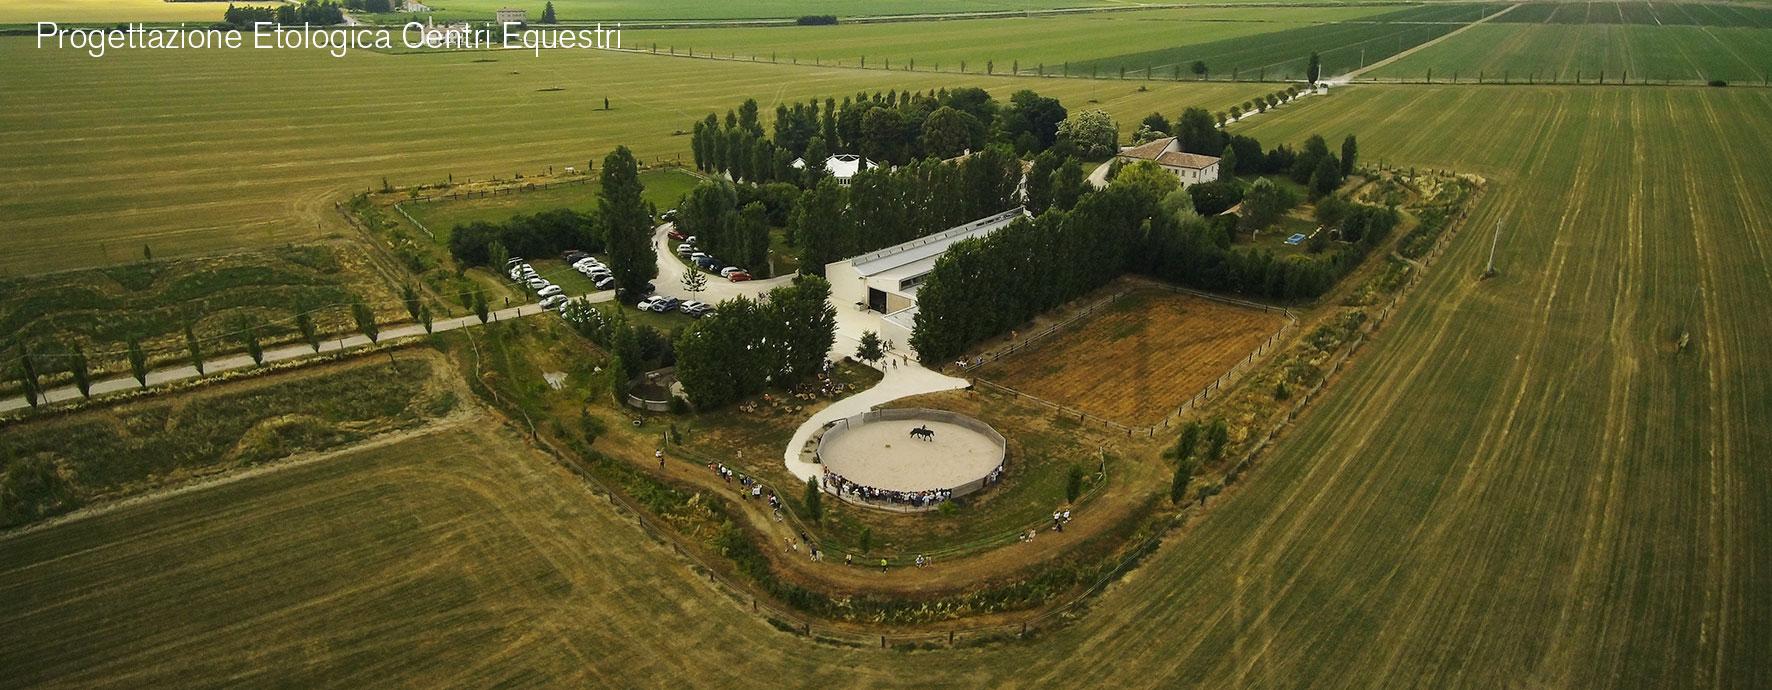 Centri Equestri